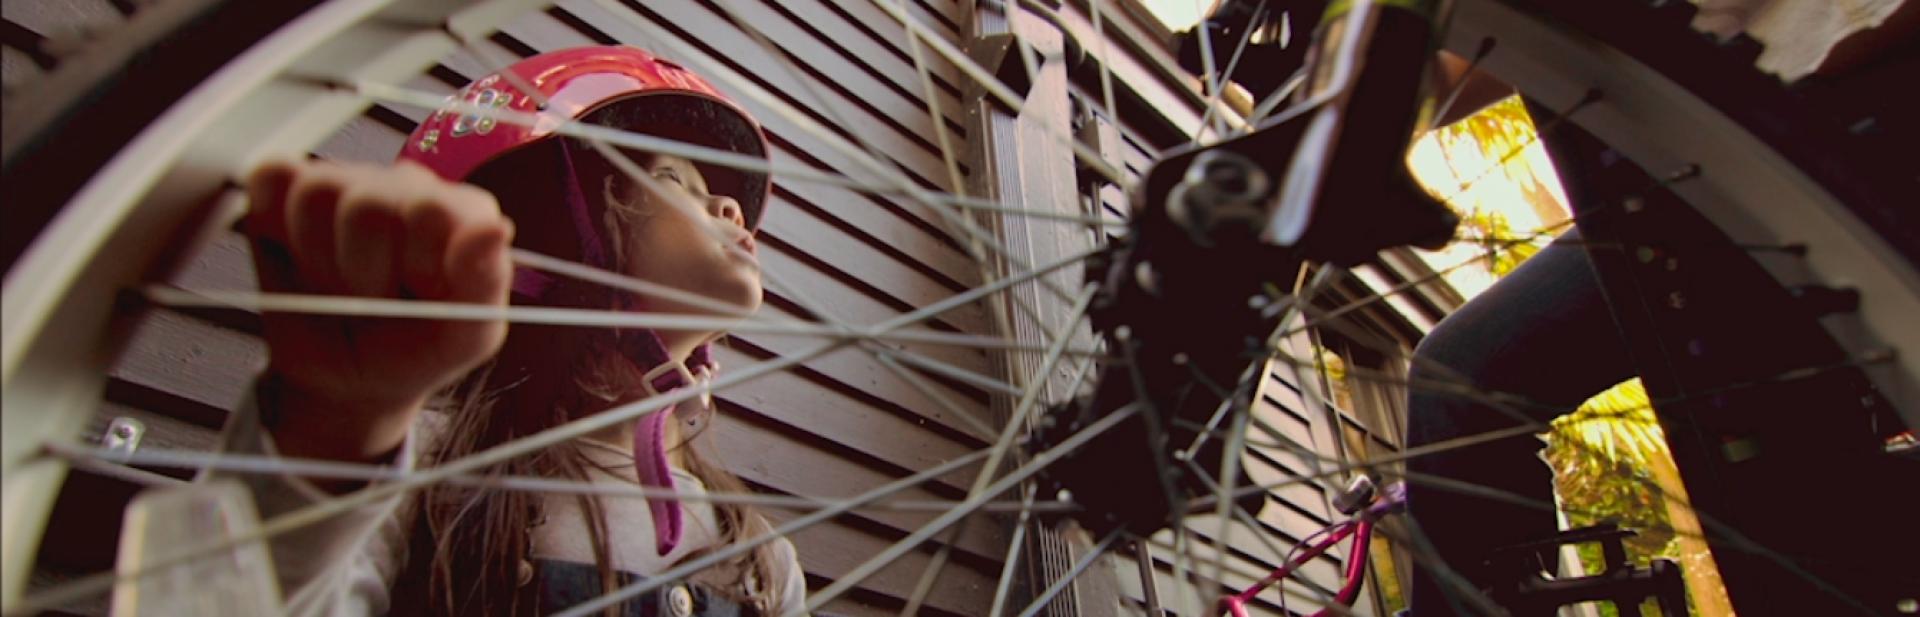 Kim Tran | Filmmaker